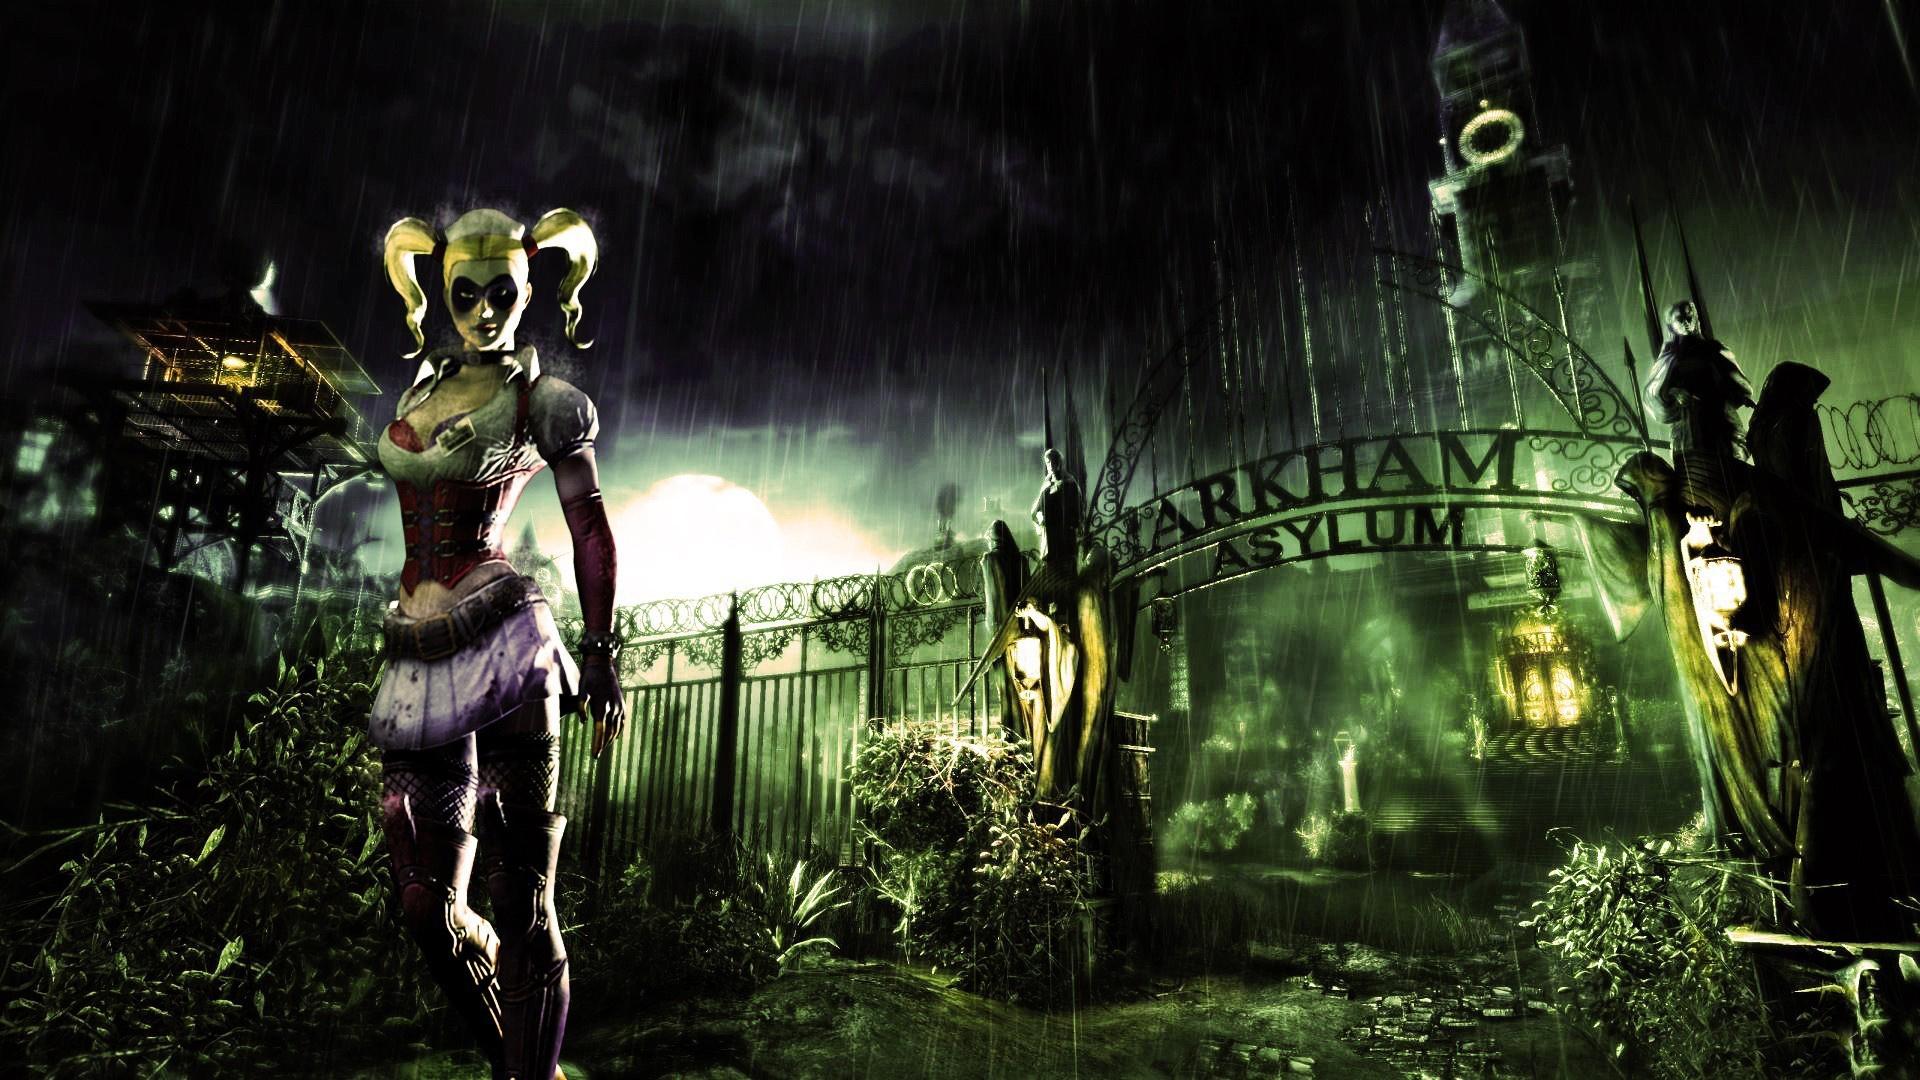 Batman Arkham Asylum HD Wallpaper 1920x1080